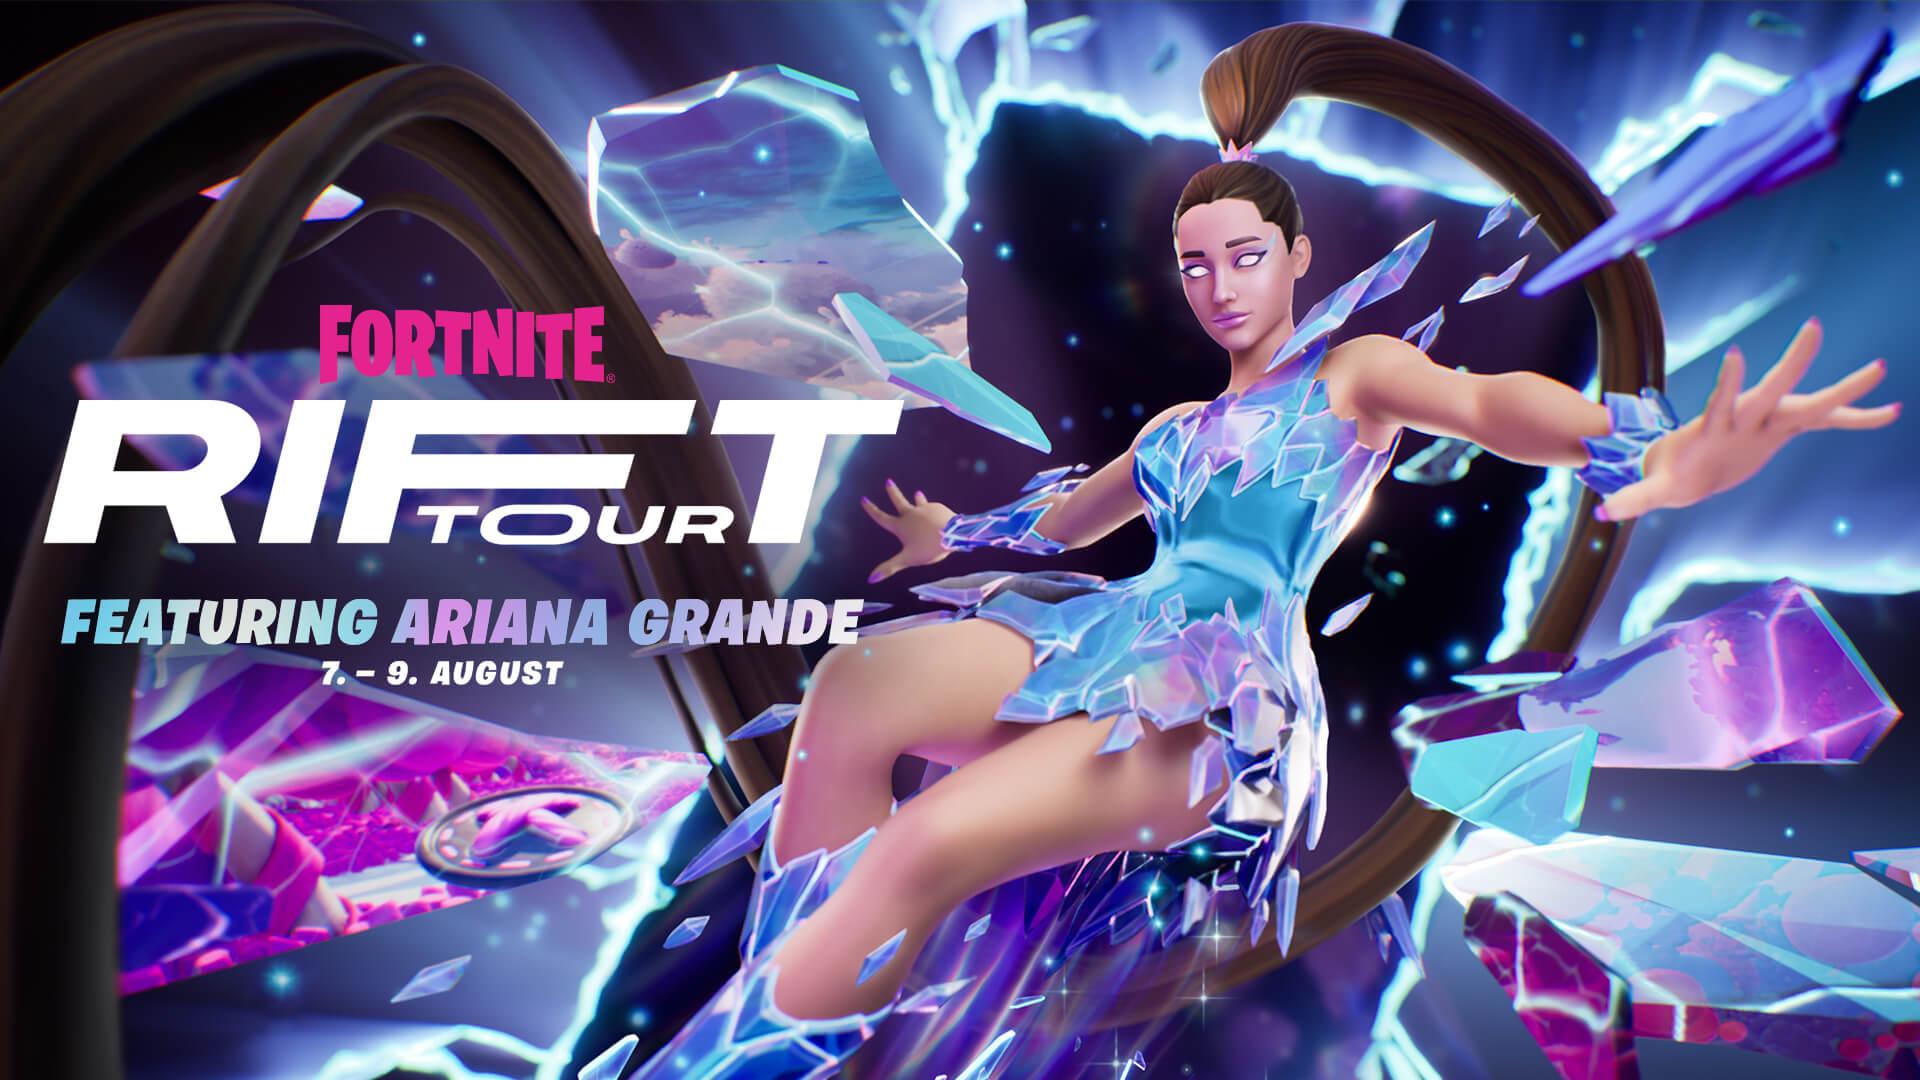 """""""Ariana Grande Konzert"""" gratis in Fortnite mit 5 Showterminen vom 7. bis 9. August (PC / Nintendo Switch / Android / PlayStation / XBOX)"""